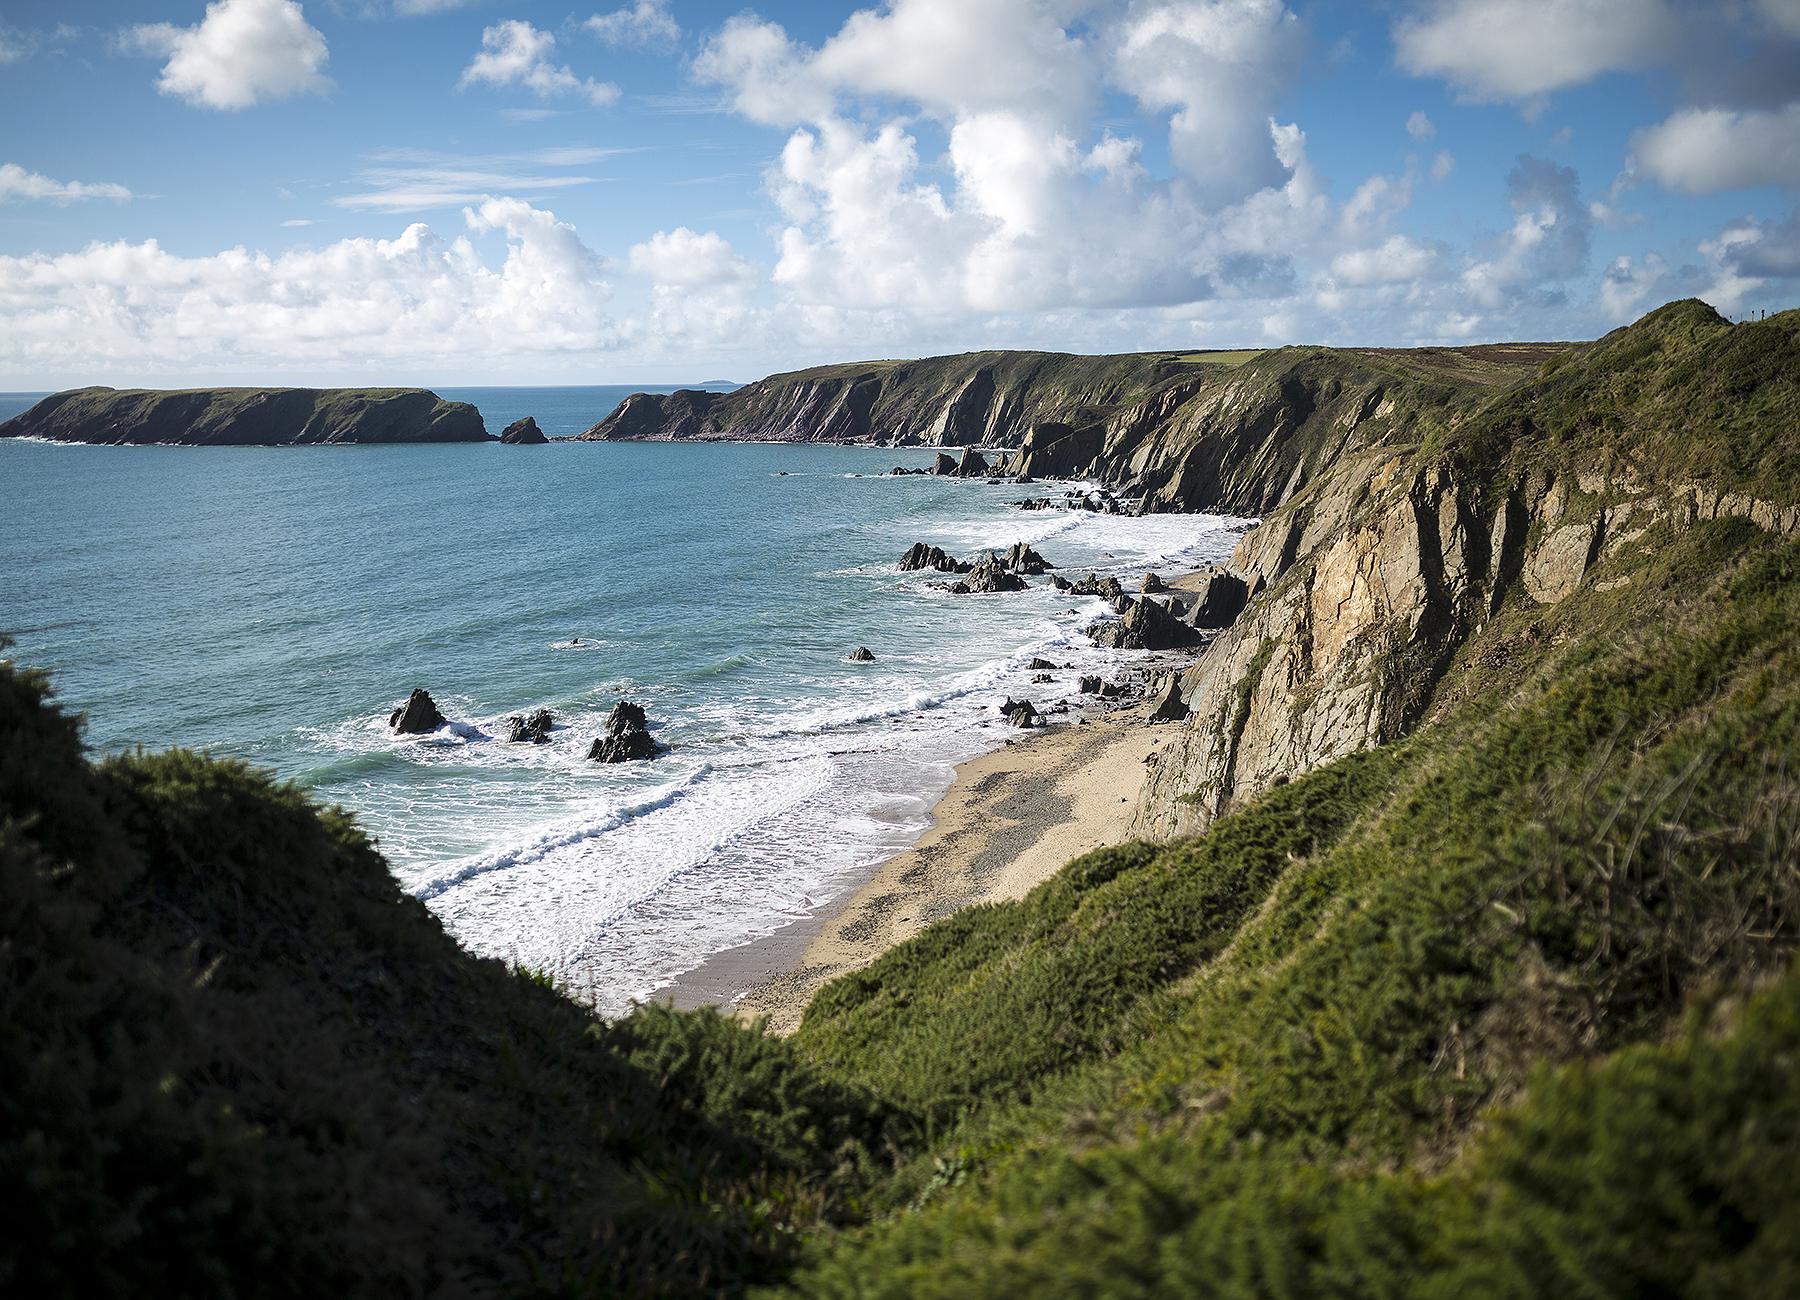 Marloes Sands Pembrokeshire ©National Trust Images - John Miller